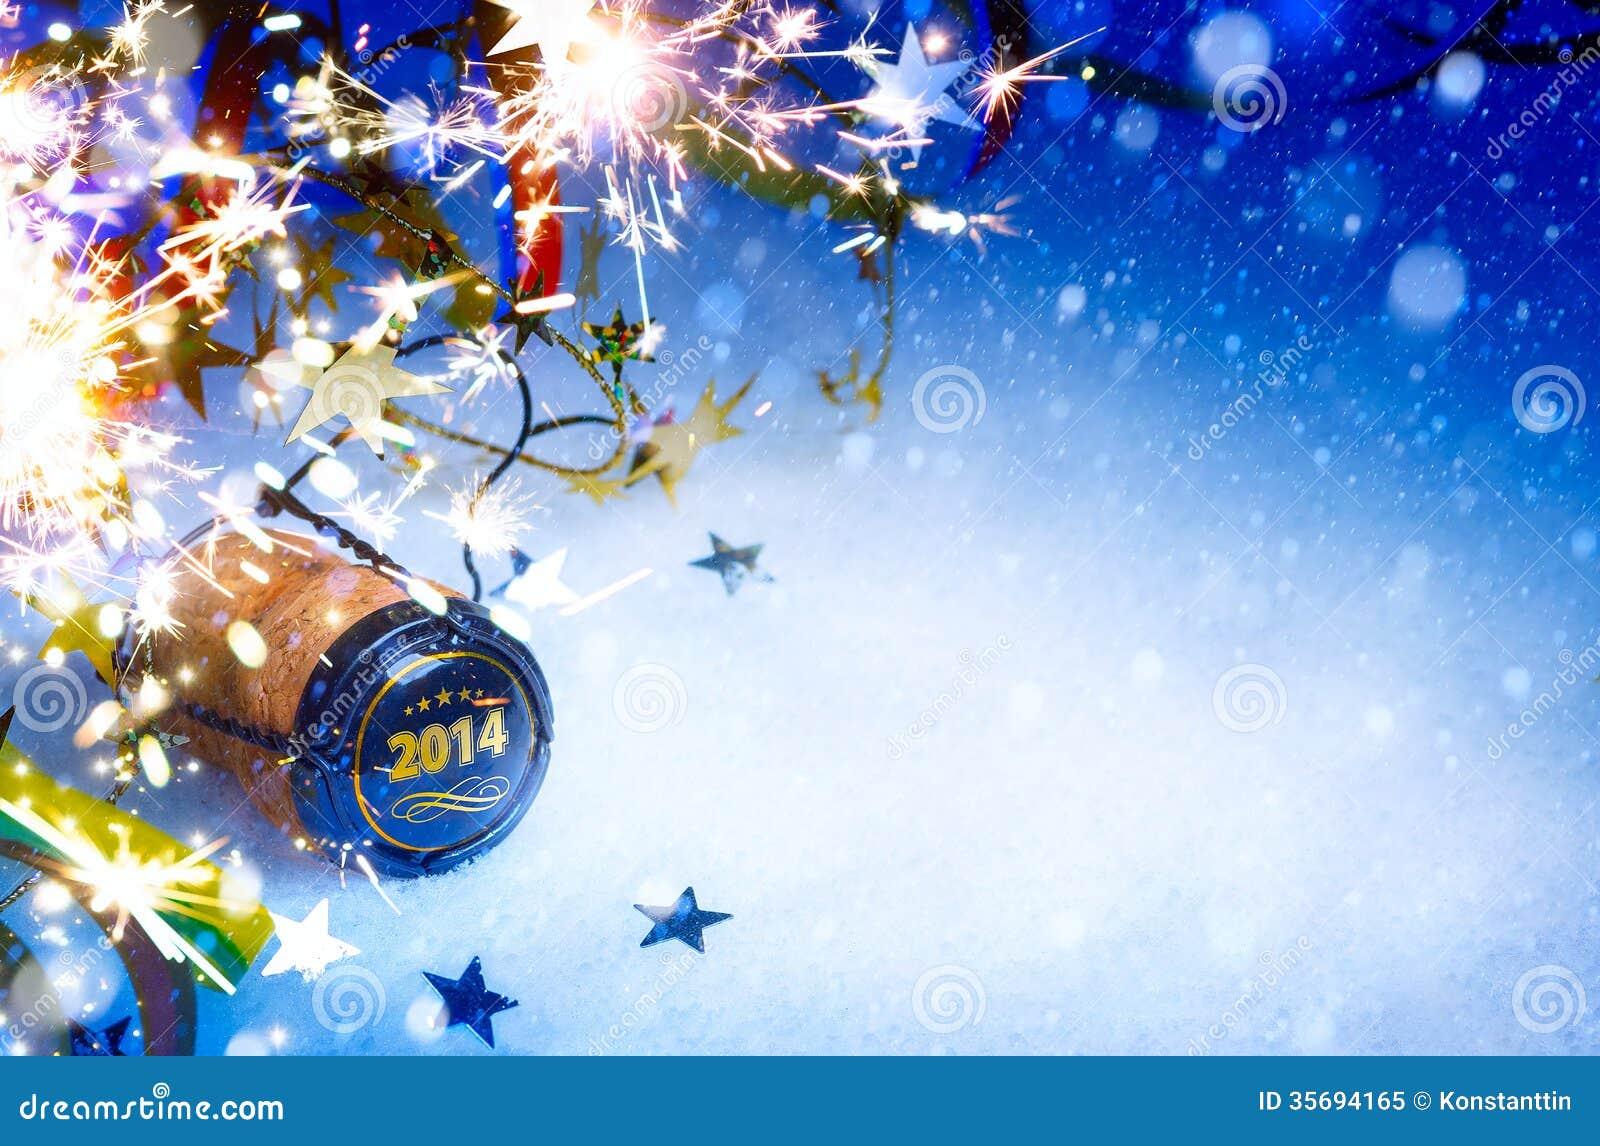 Hintergrund Art Christmass und der Partei des neuen Jahres 2014